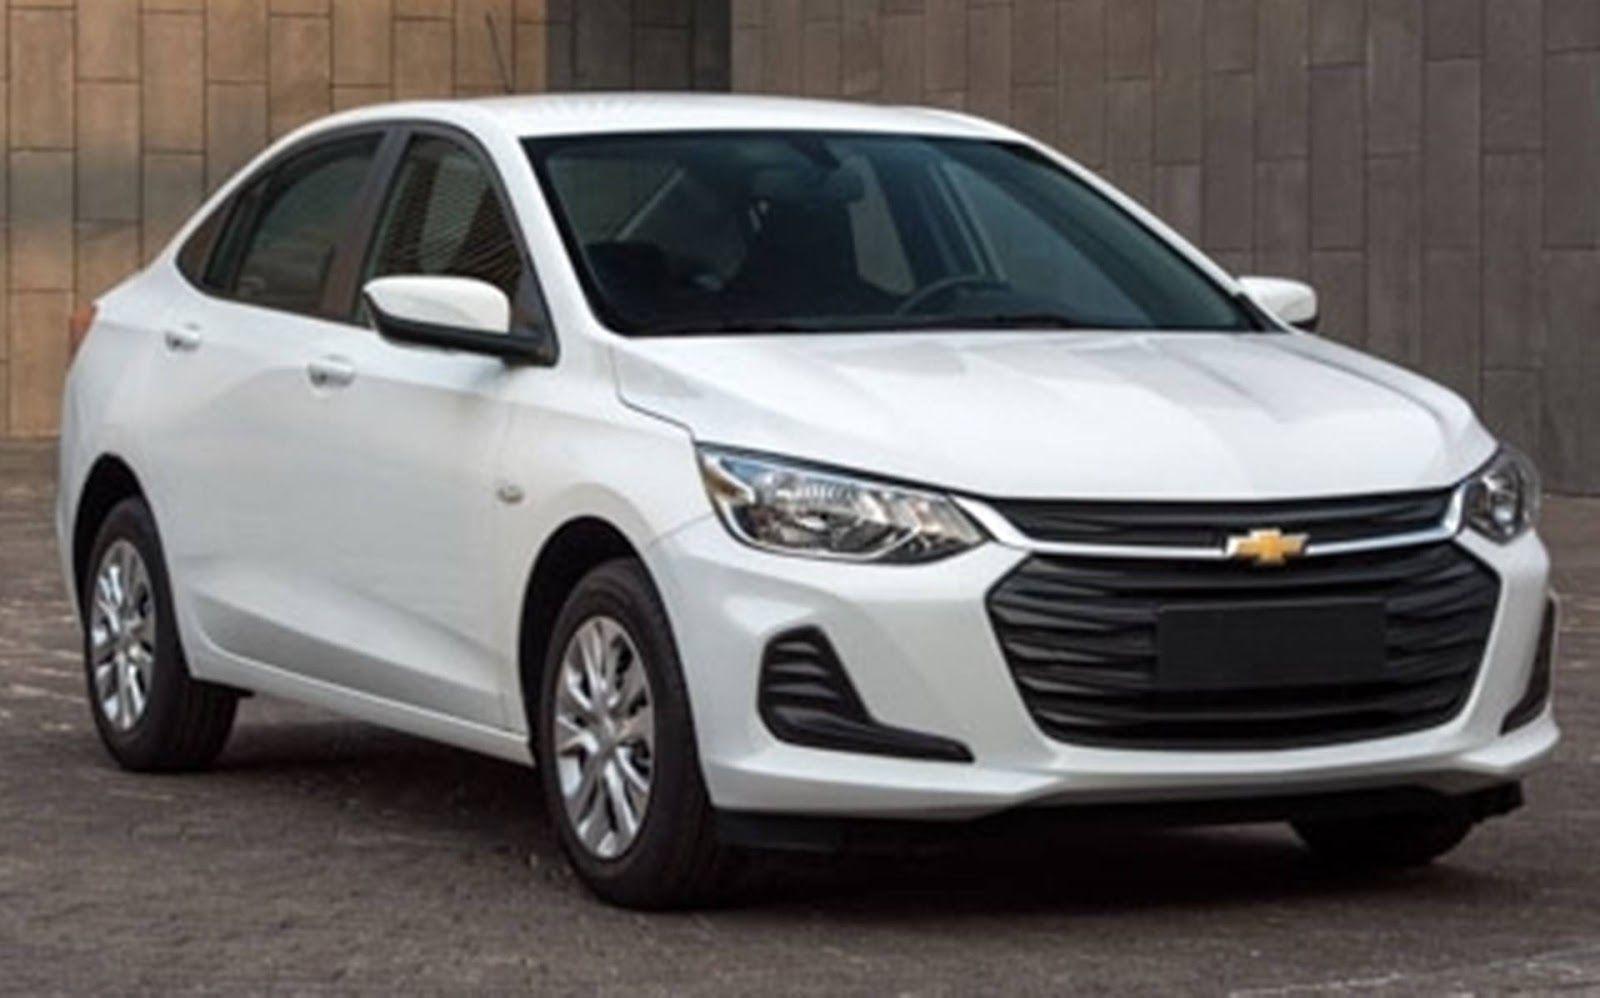 Novos Gm Onix E Prisma 2020 Serao Lancados No Segundo Semestre De 2019 Noticias Automotivas Chevrolet Vehicles E Car